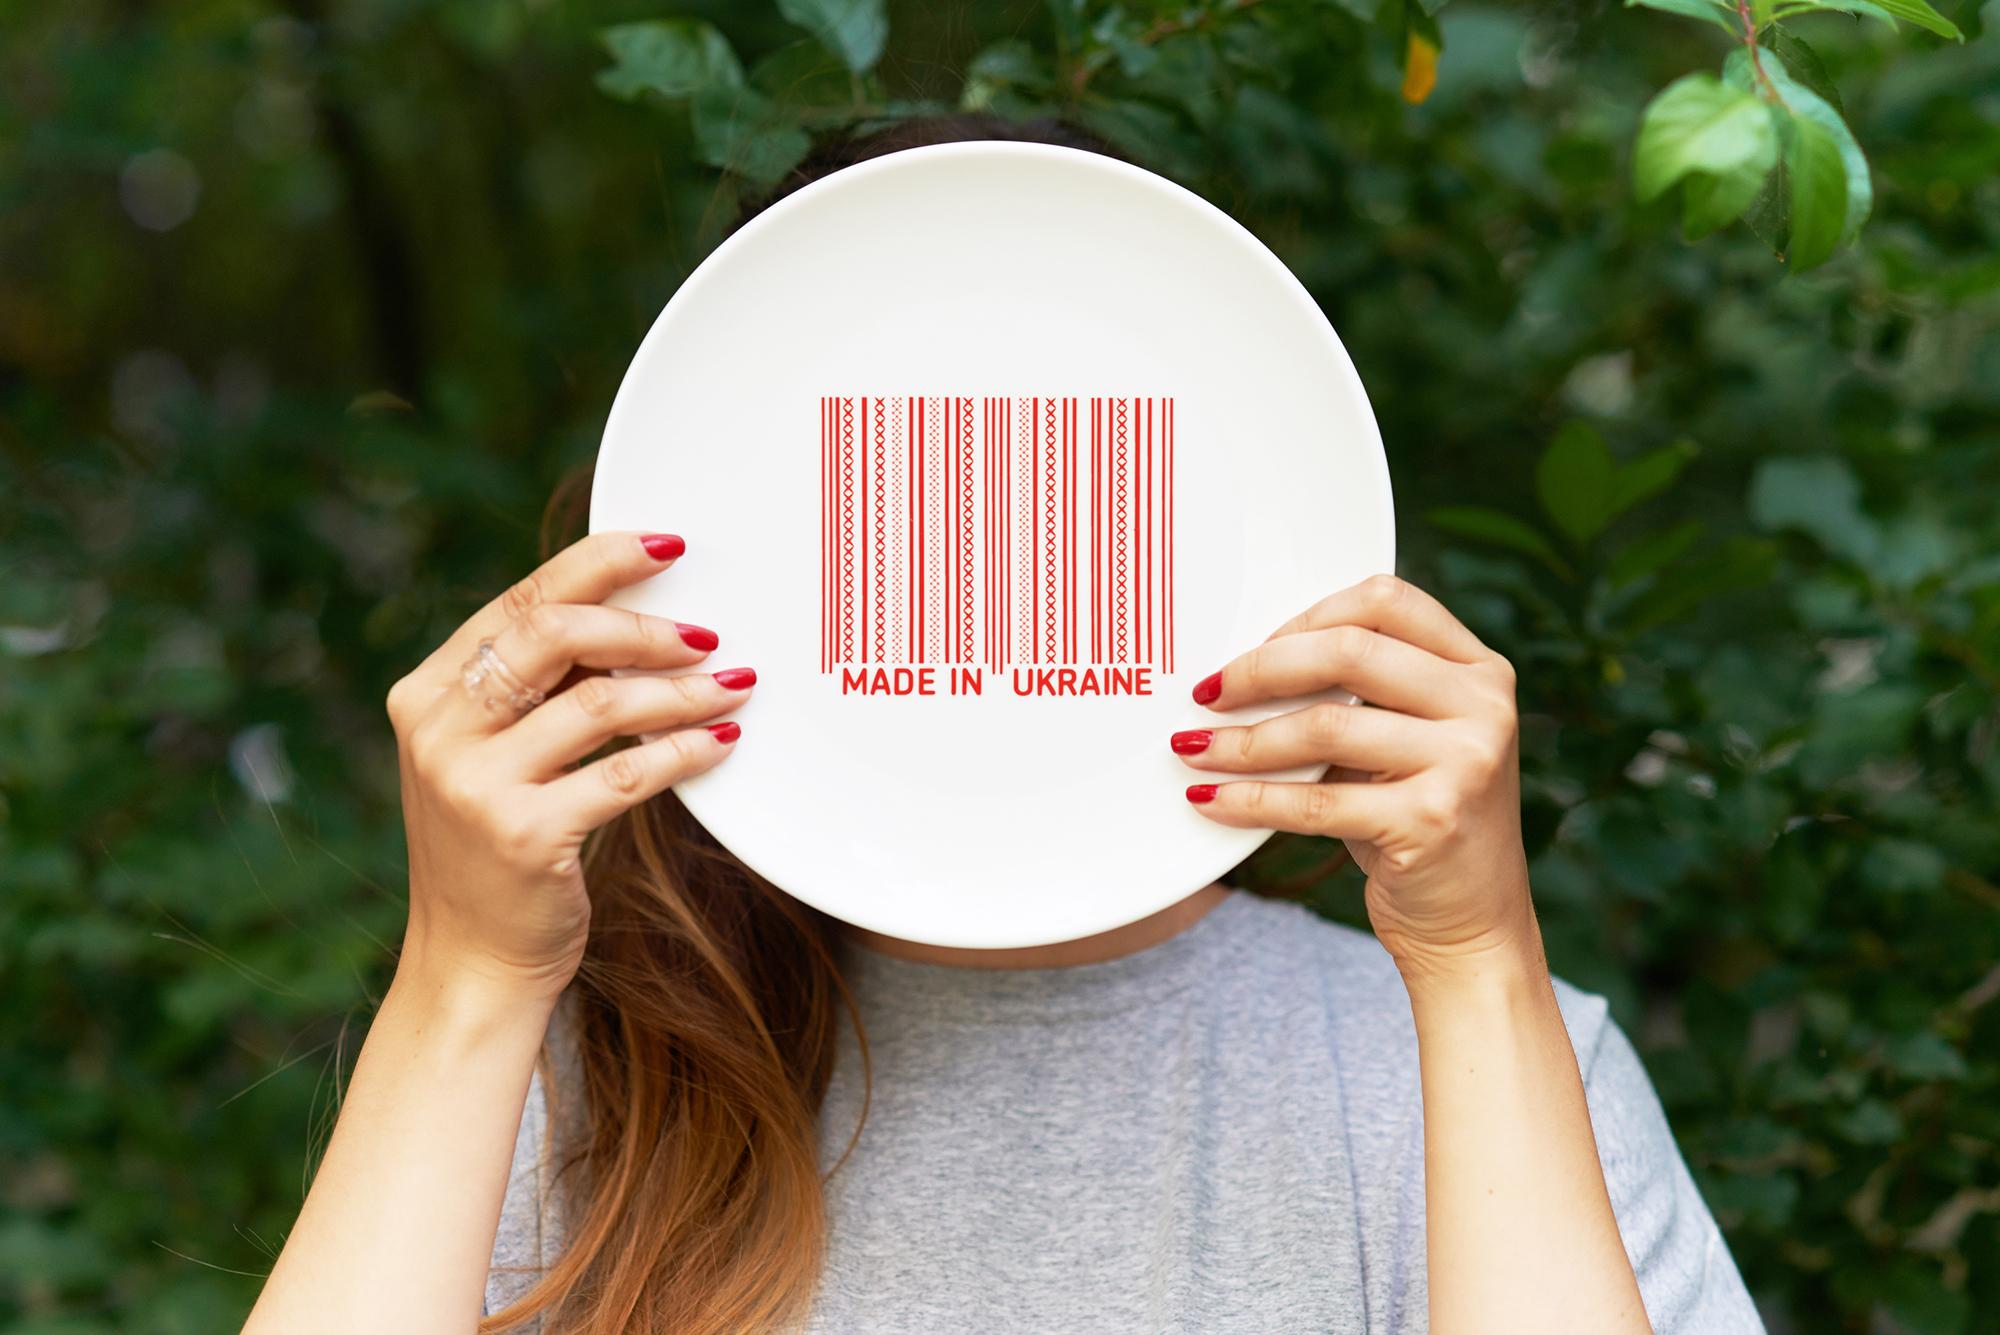 AMAI_product_LU_Plate «Made in Ukraine» (7)